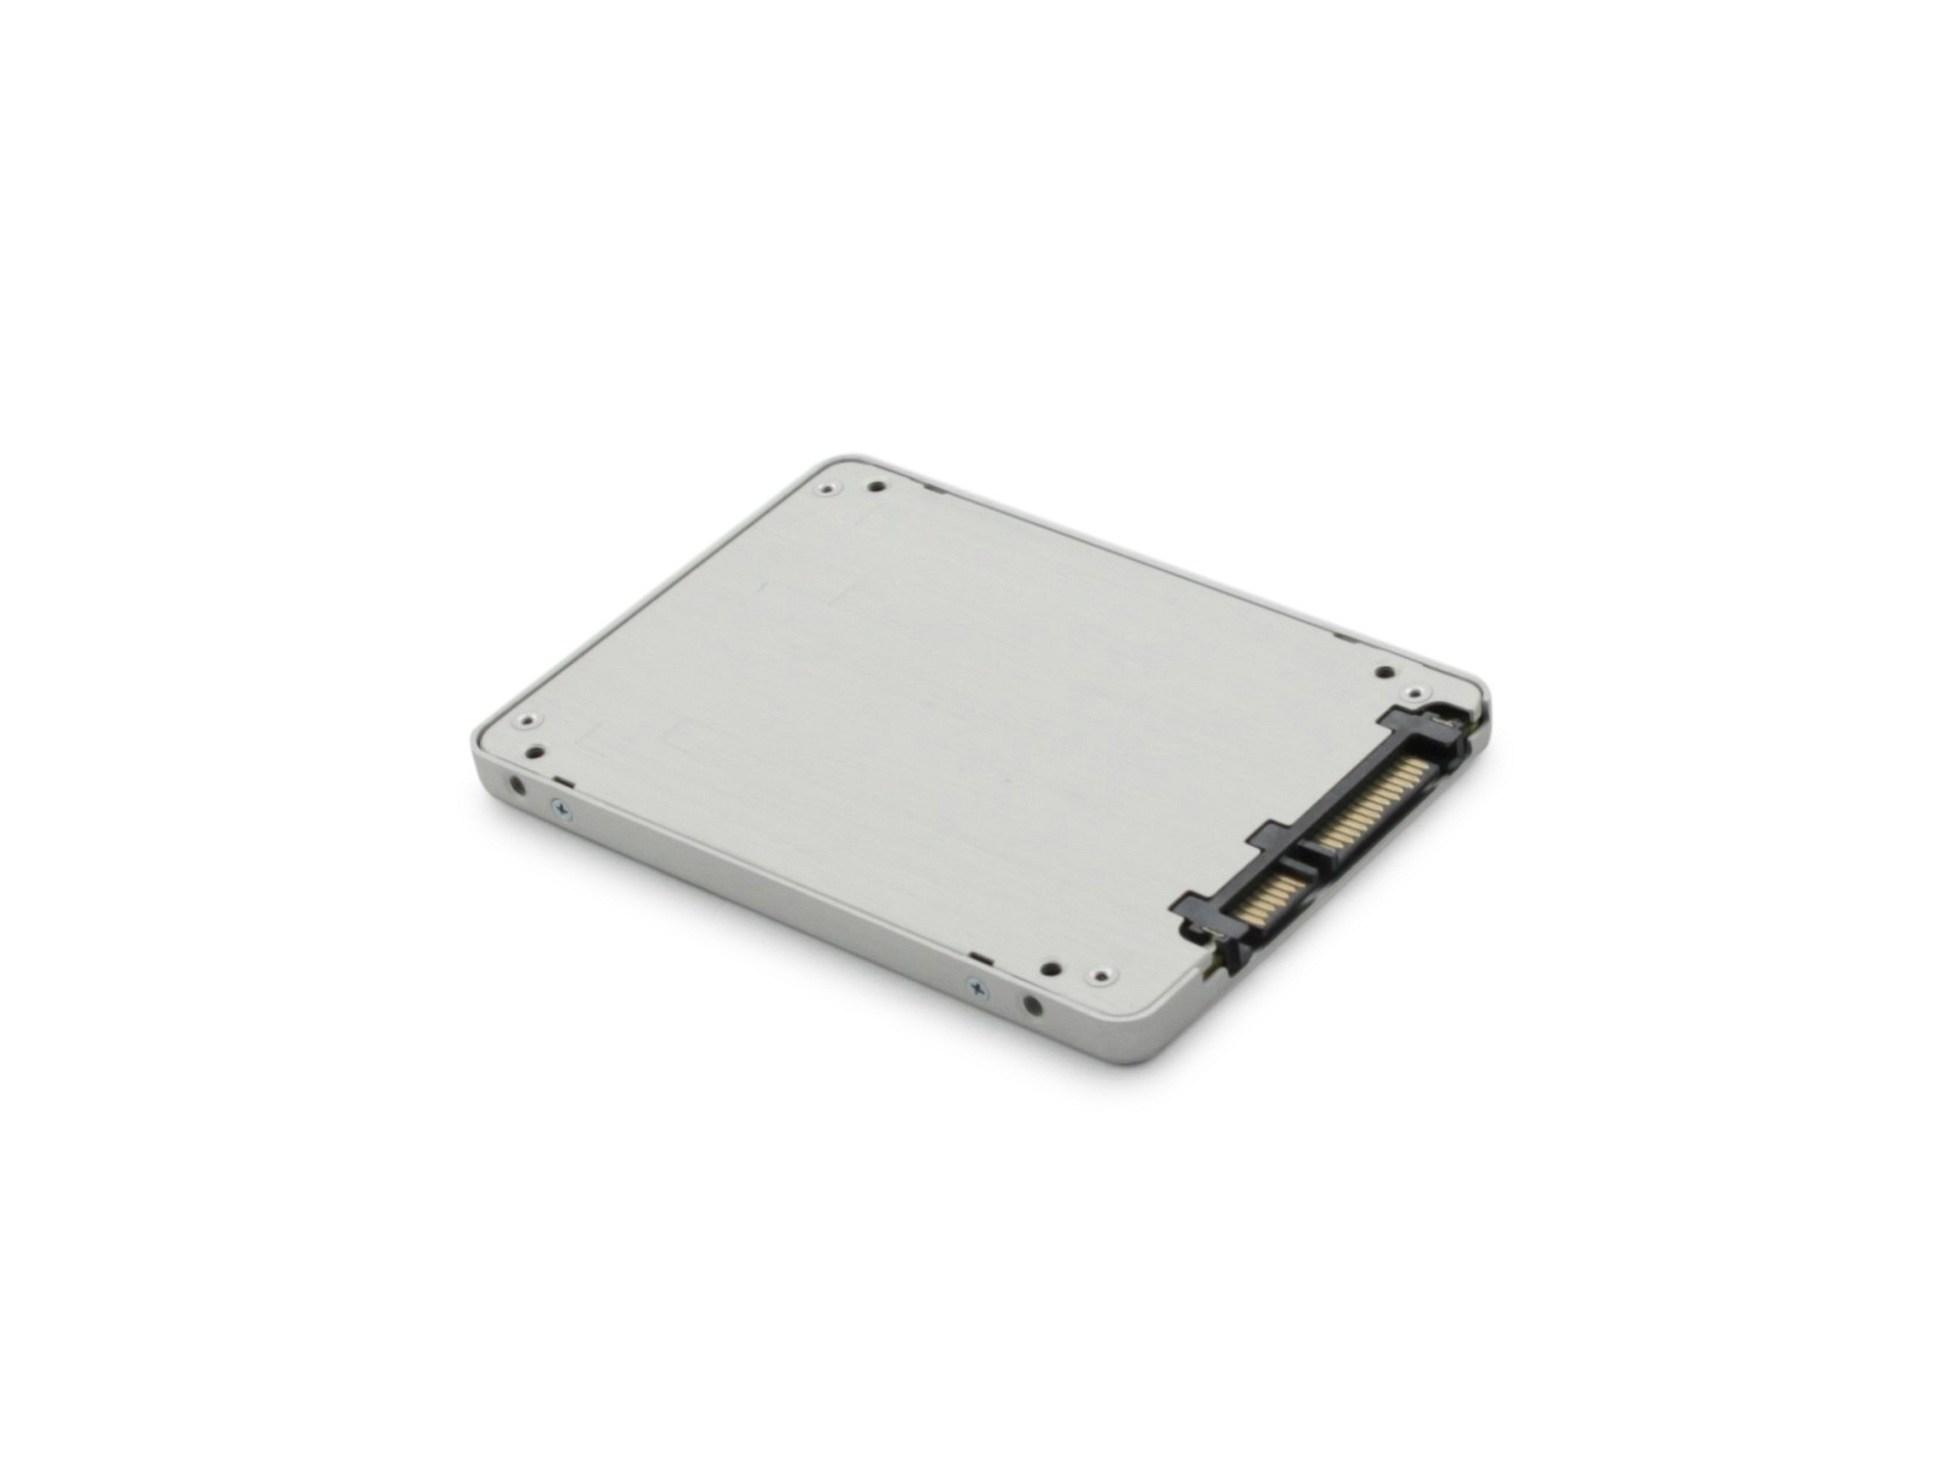 SATA SSD-Festplatte - 256GB für Wortmann Terra Mobile 1509